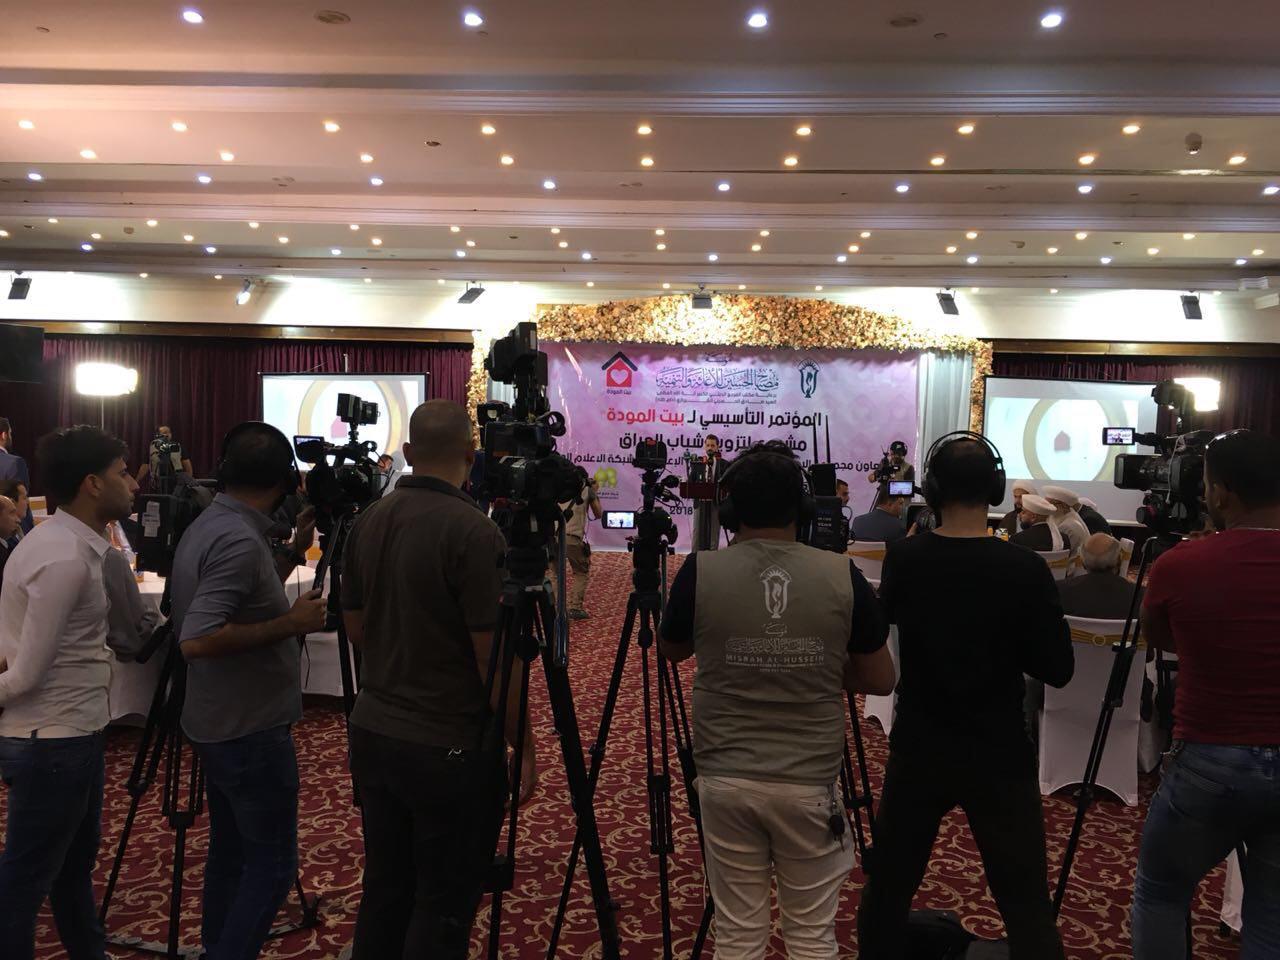 صورة انطلاق فعاليات المؤتمر التأسيسي لاضحم مشروع لتزويج شباب العراق في بغداد (صور)